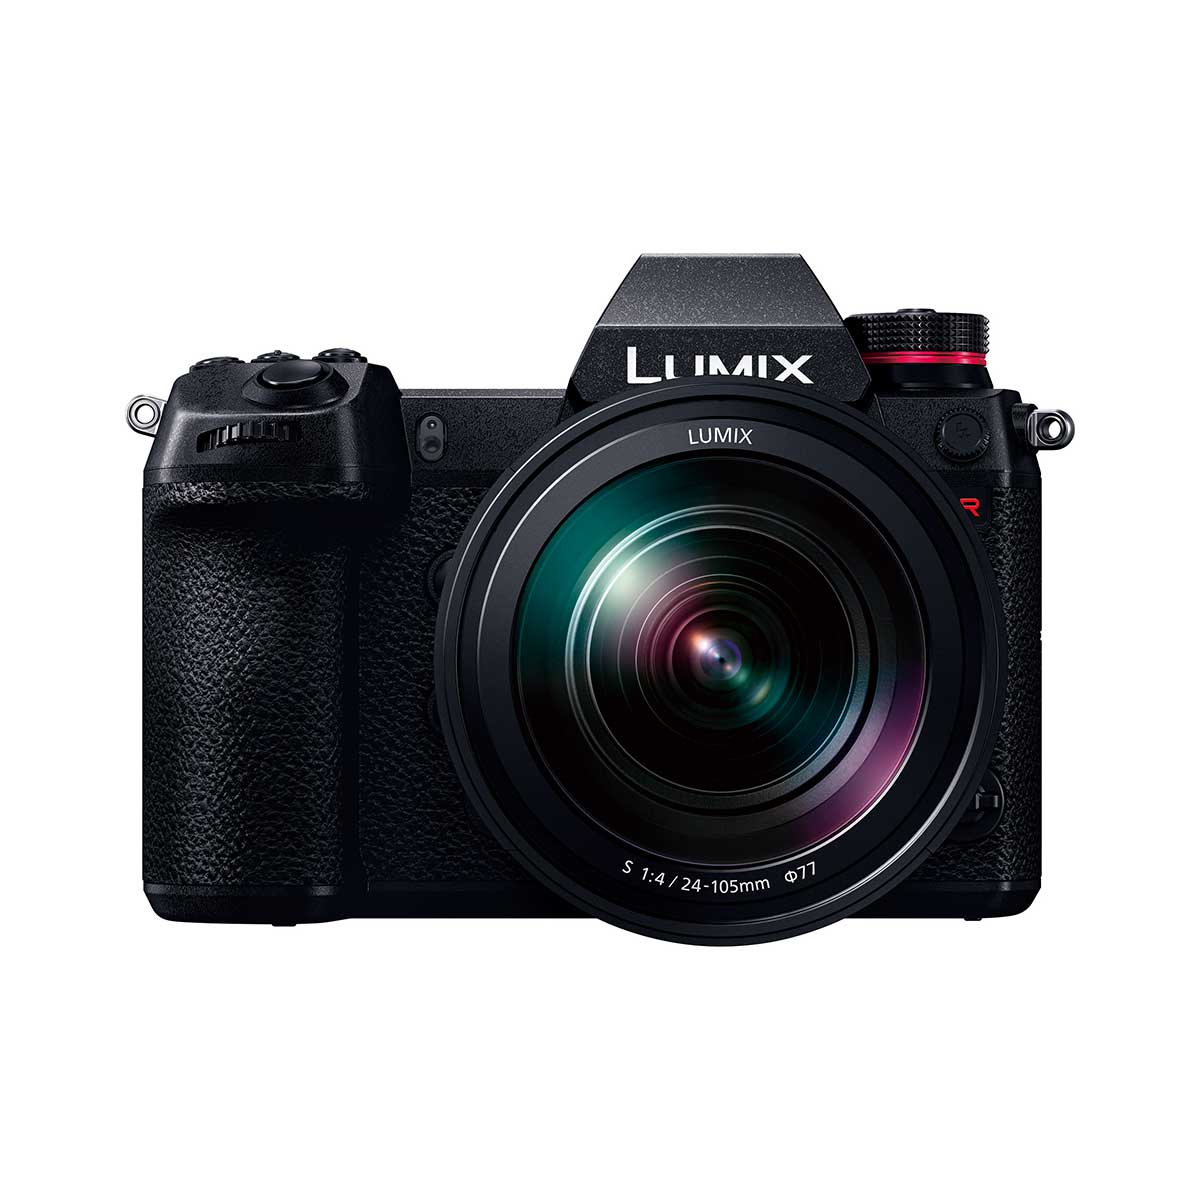 【今週発売の注目製品】パナソニックから、フルサイズミラーレスカメラ「LUMIX S」が登場